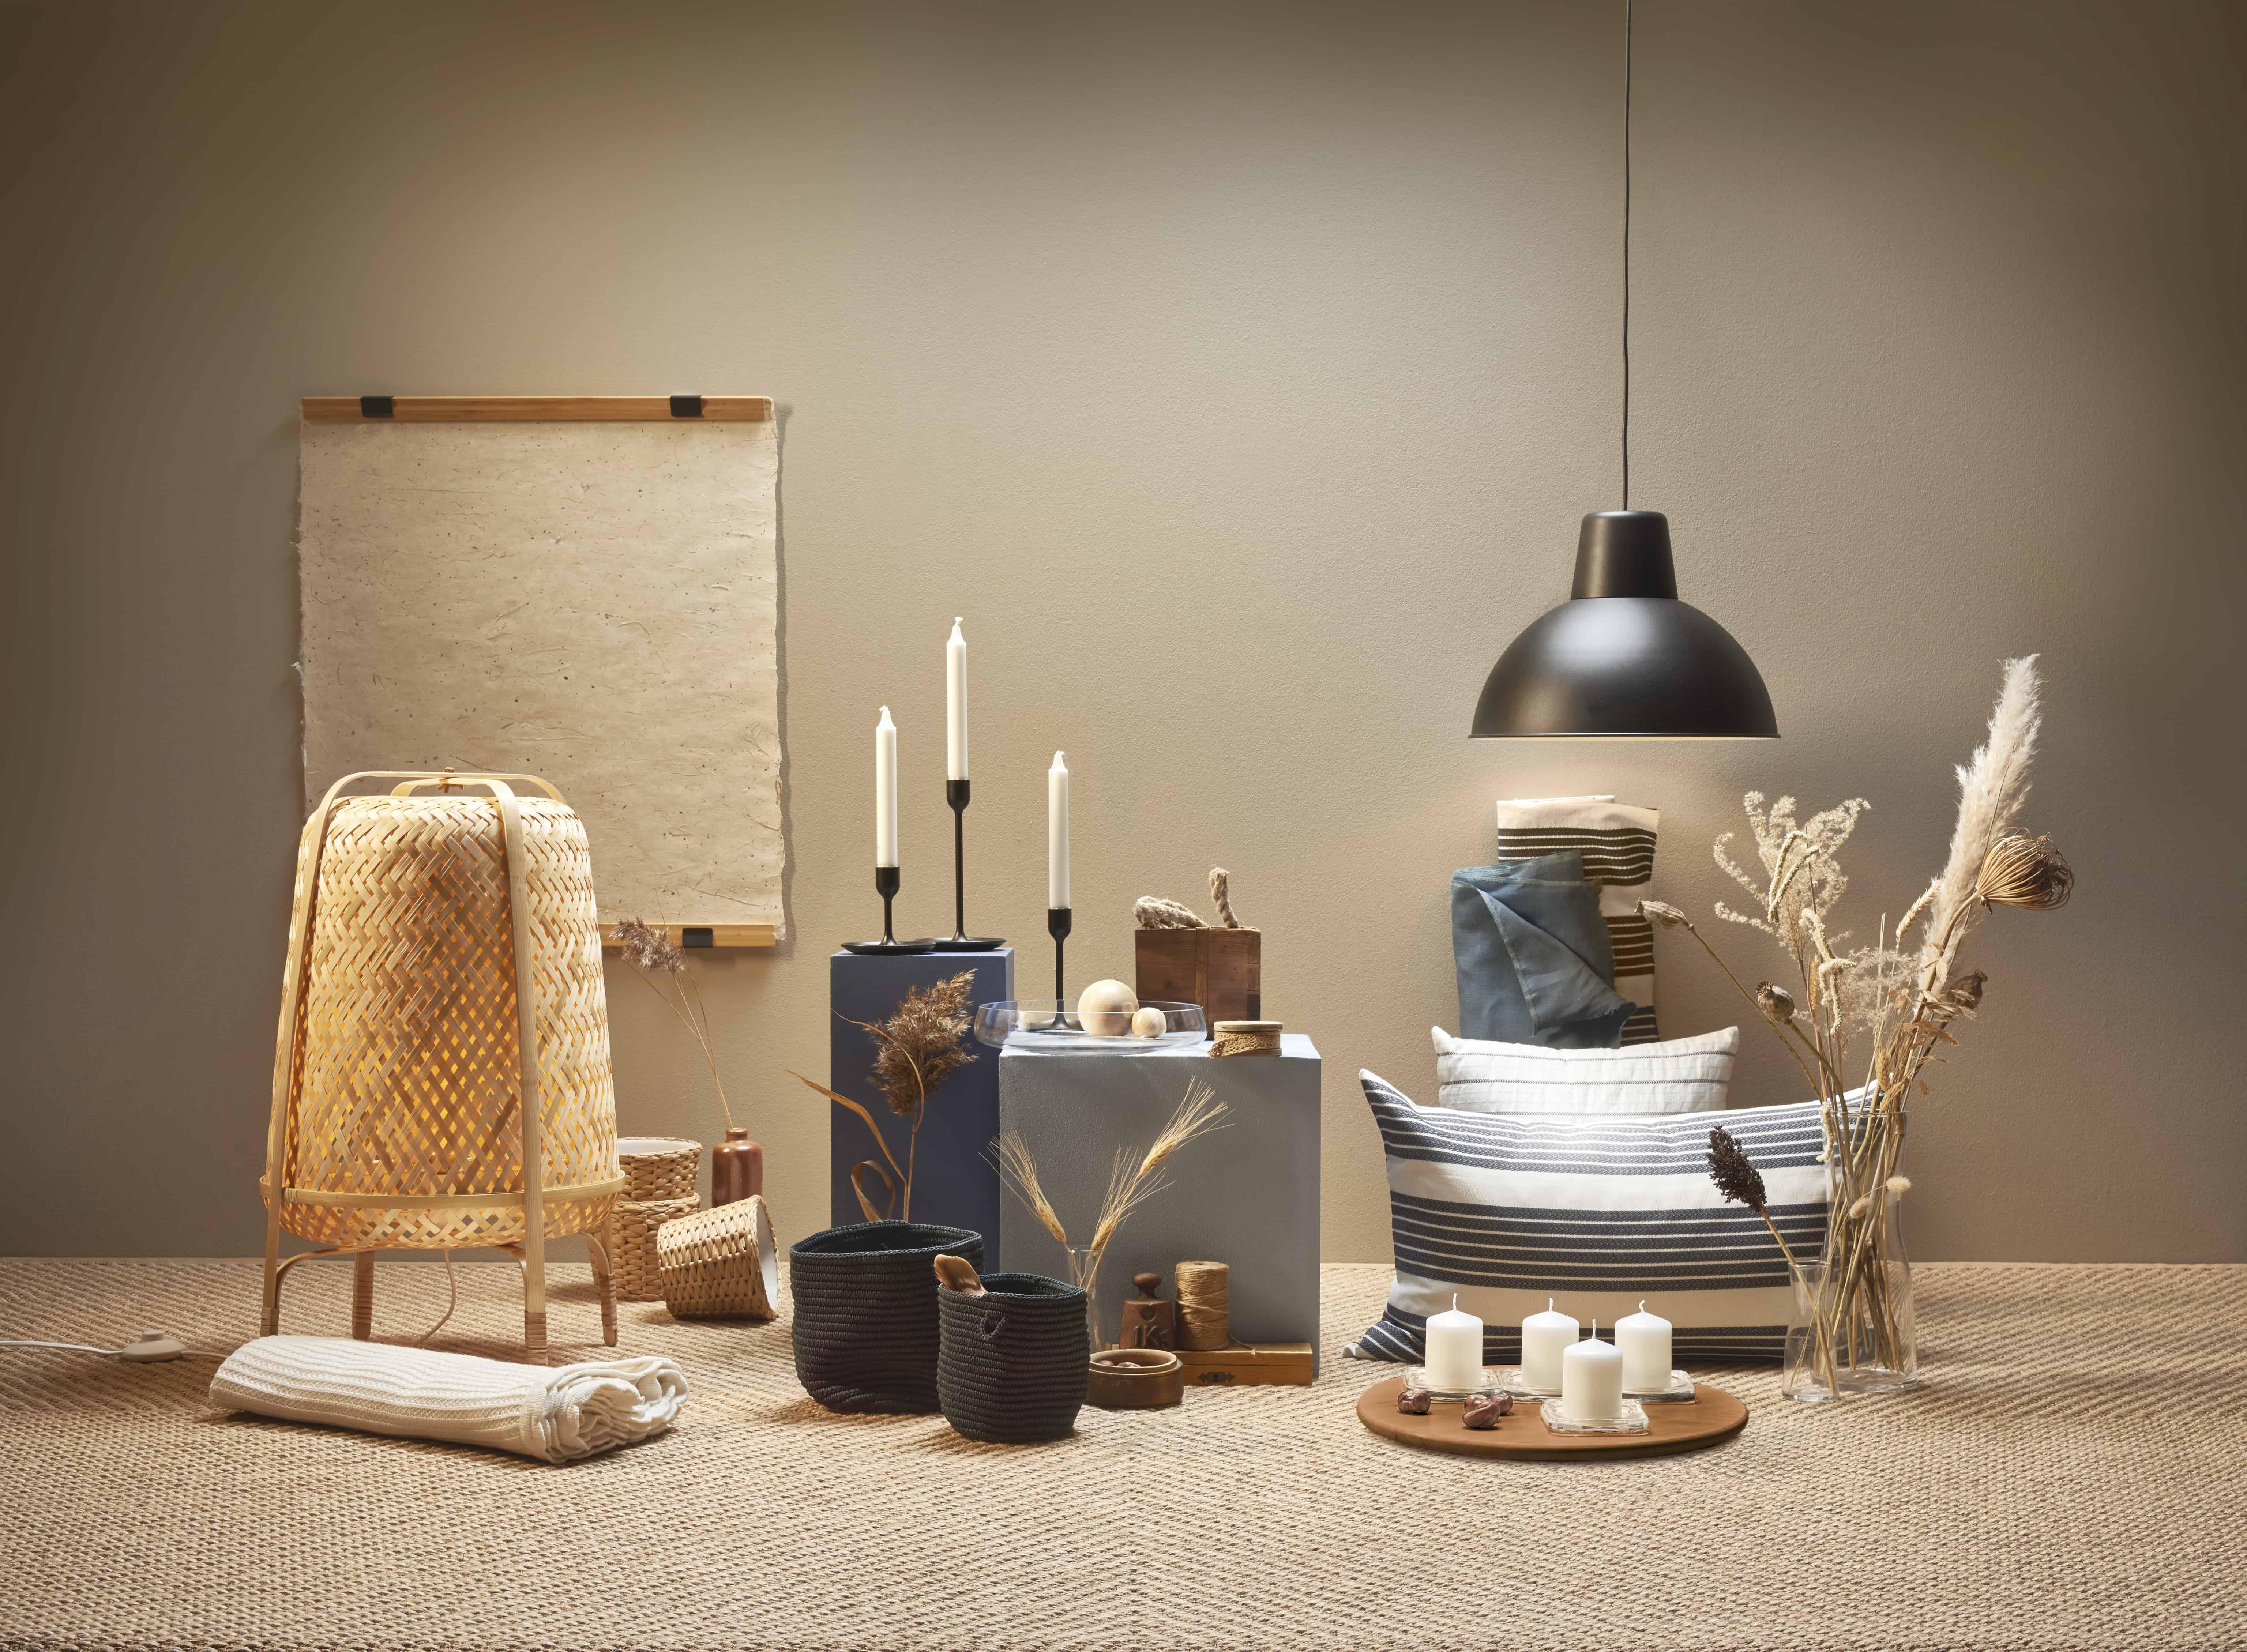 EcoLux☆Lifestyle: IKEA Celebrates Bamboo for Beauty and Sustainability